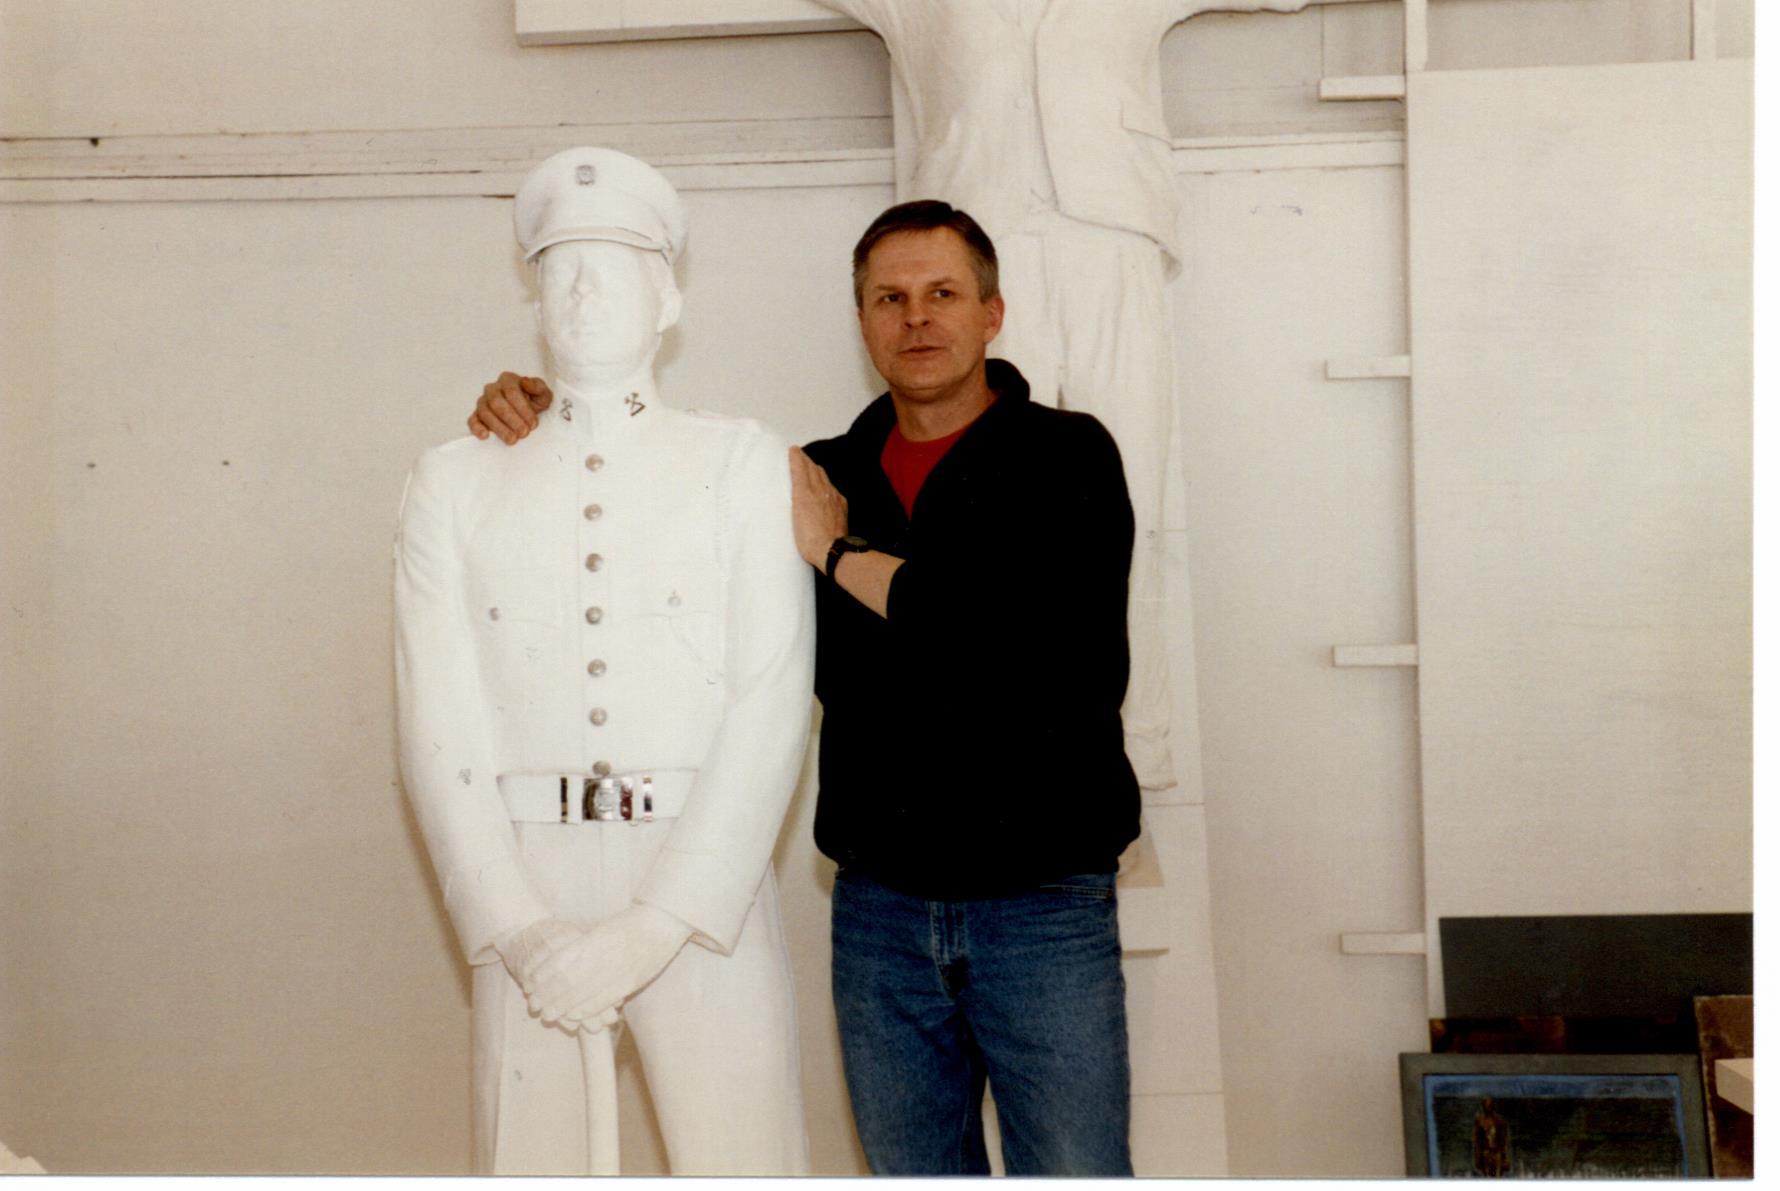 Rick Choppe, membre de la garde d'honneur en tenue décontractée, debout à côté de son plâtre blanc grandeur réelle, en uniforme, pour la fabrication de la statue de la garde d'honneur